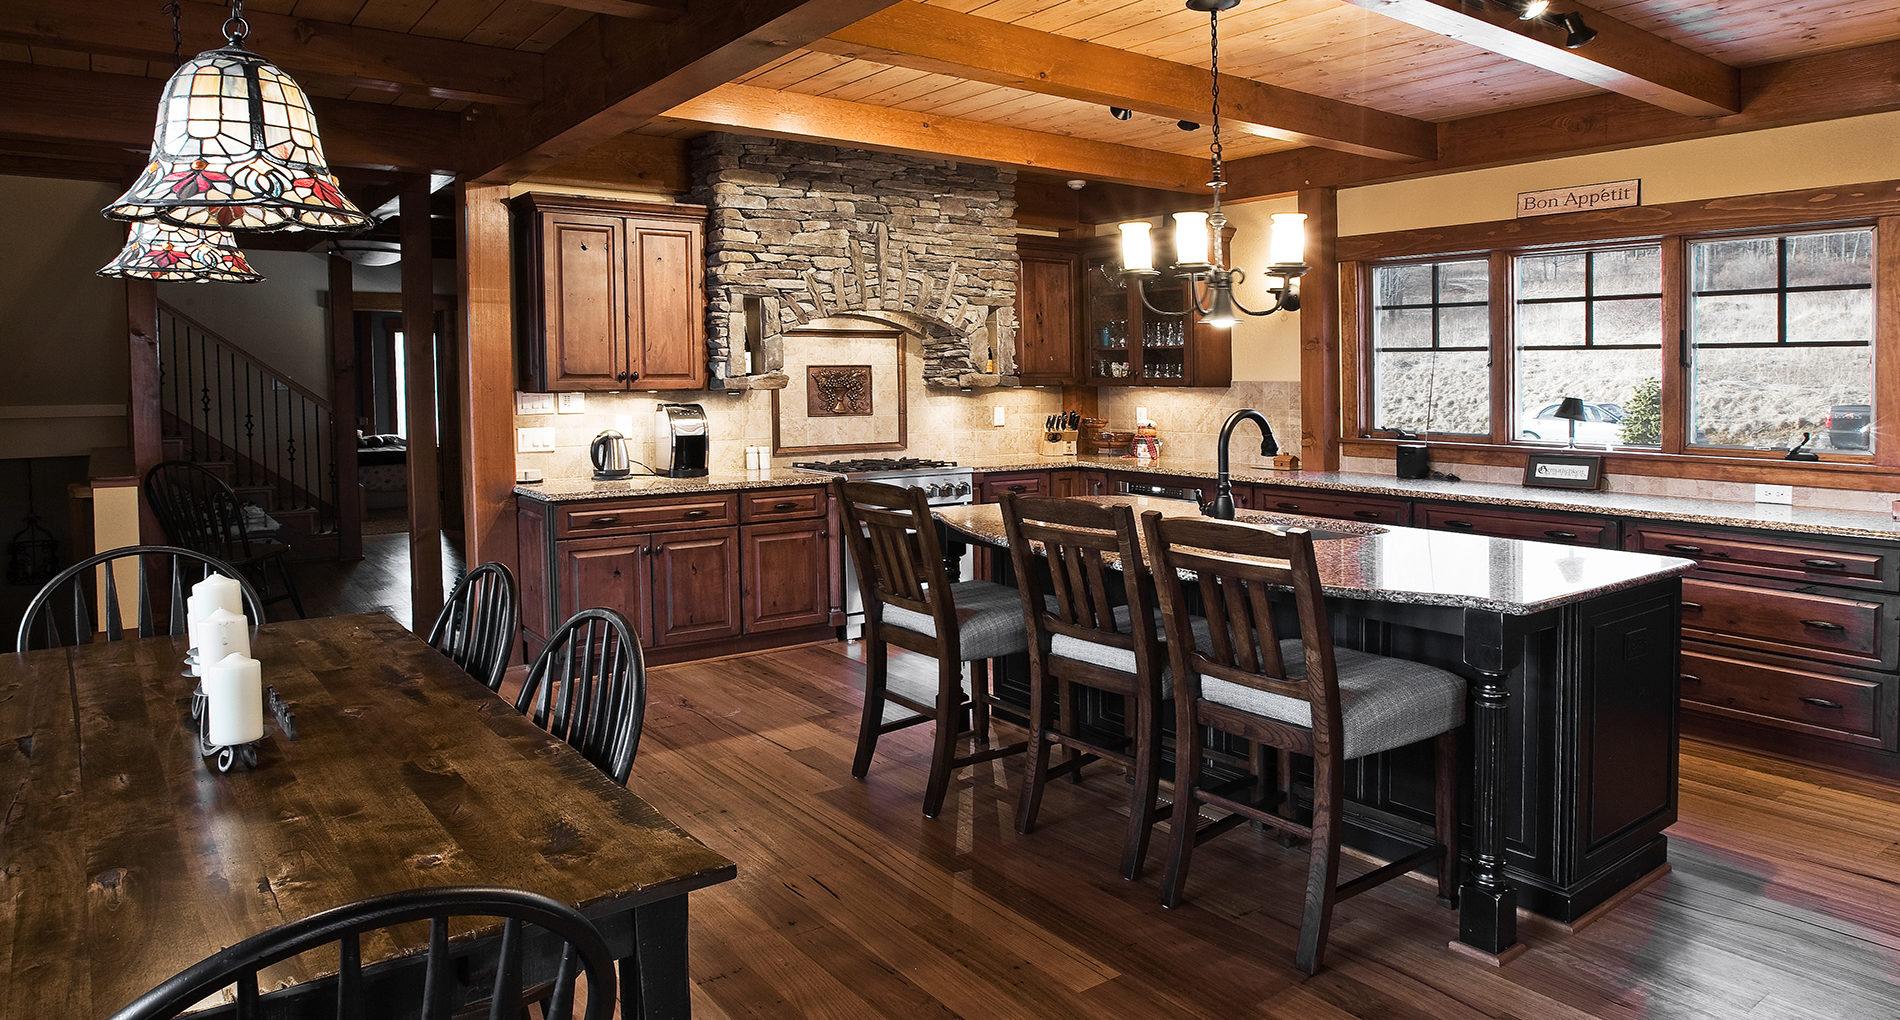 Kitchen Remodel Highcountry Toddresidence Slider